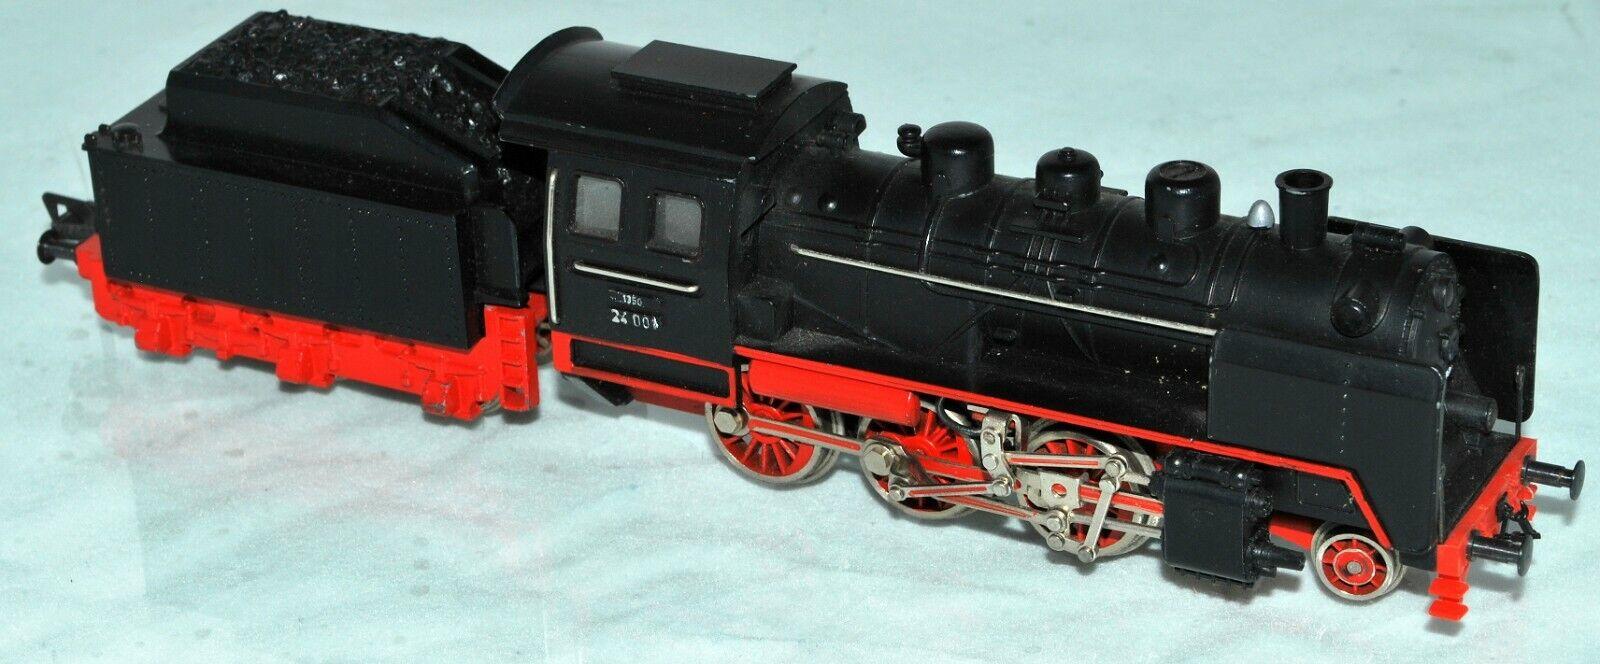 Fleischmann 1350 HO 2-6-0 Class BR 24 001 DC Steam loco.